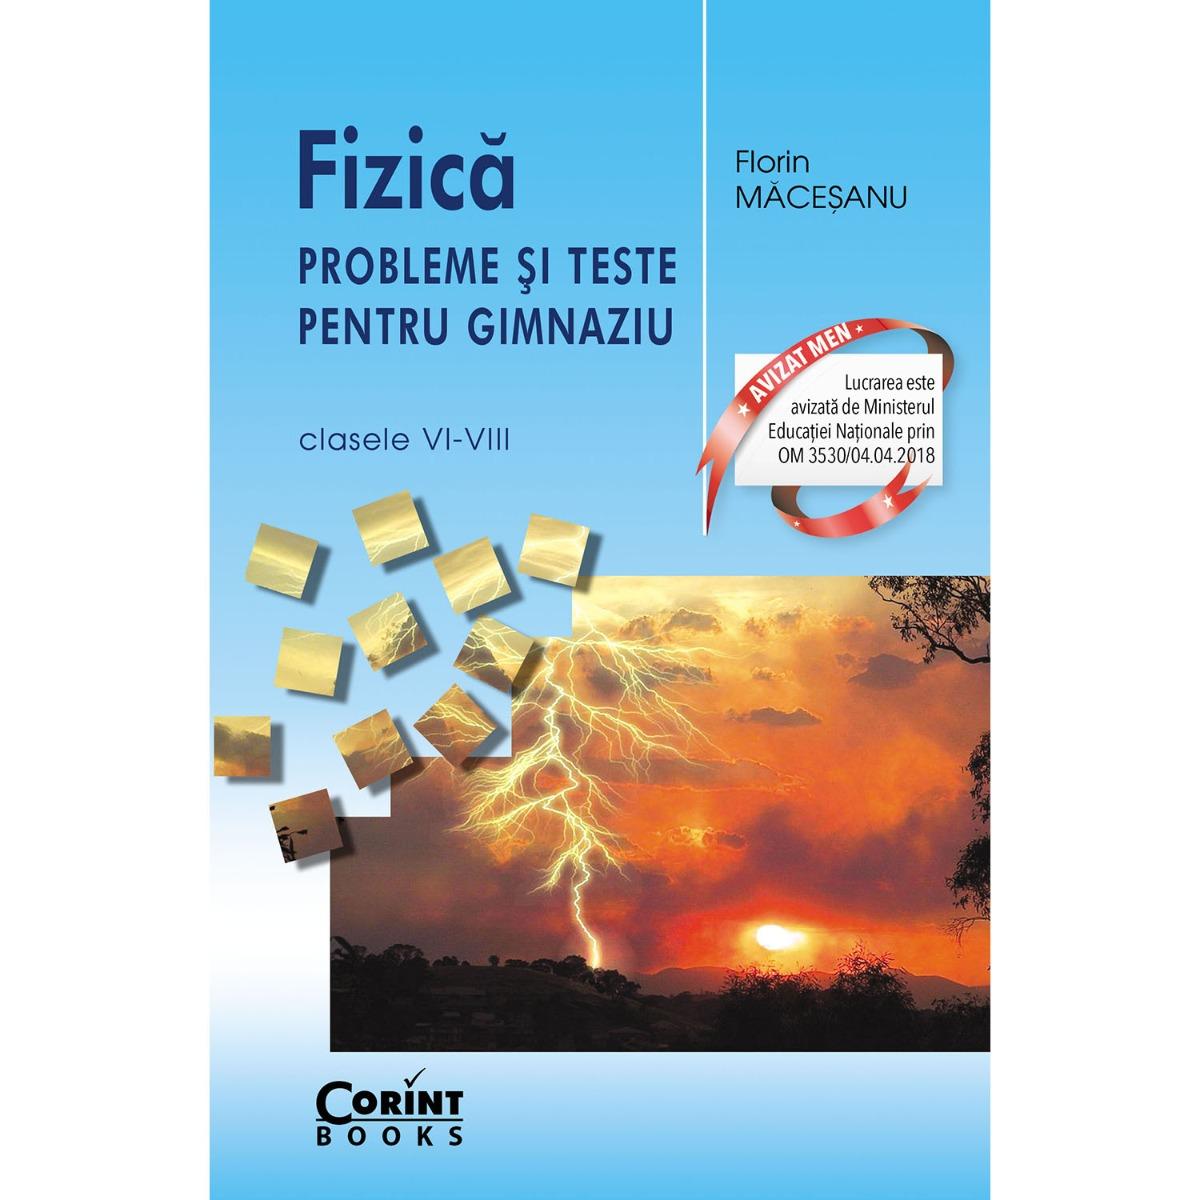 Fizica, probleme si teste, Clasele VI-VIII, 2018, Florin Macesanu